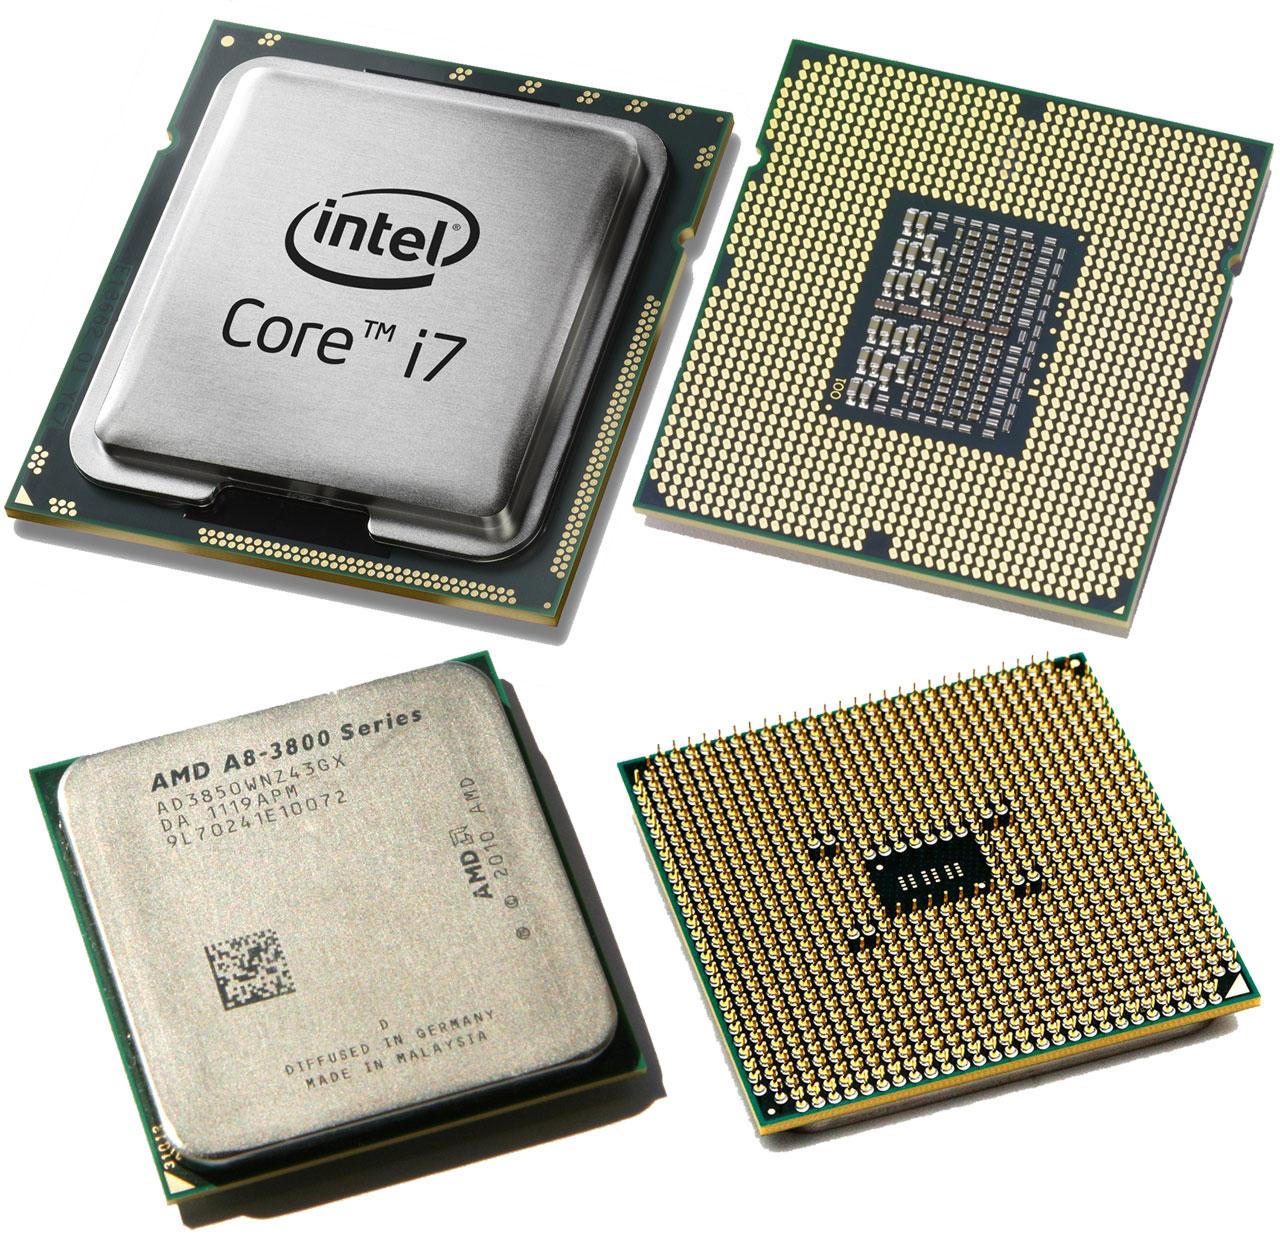 процессор для компьютера intel core 17